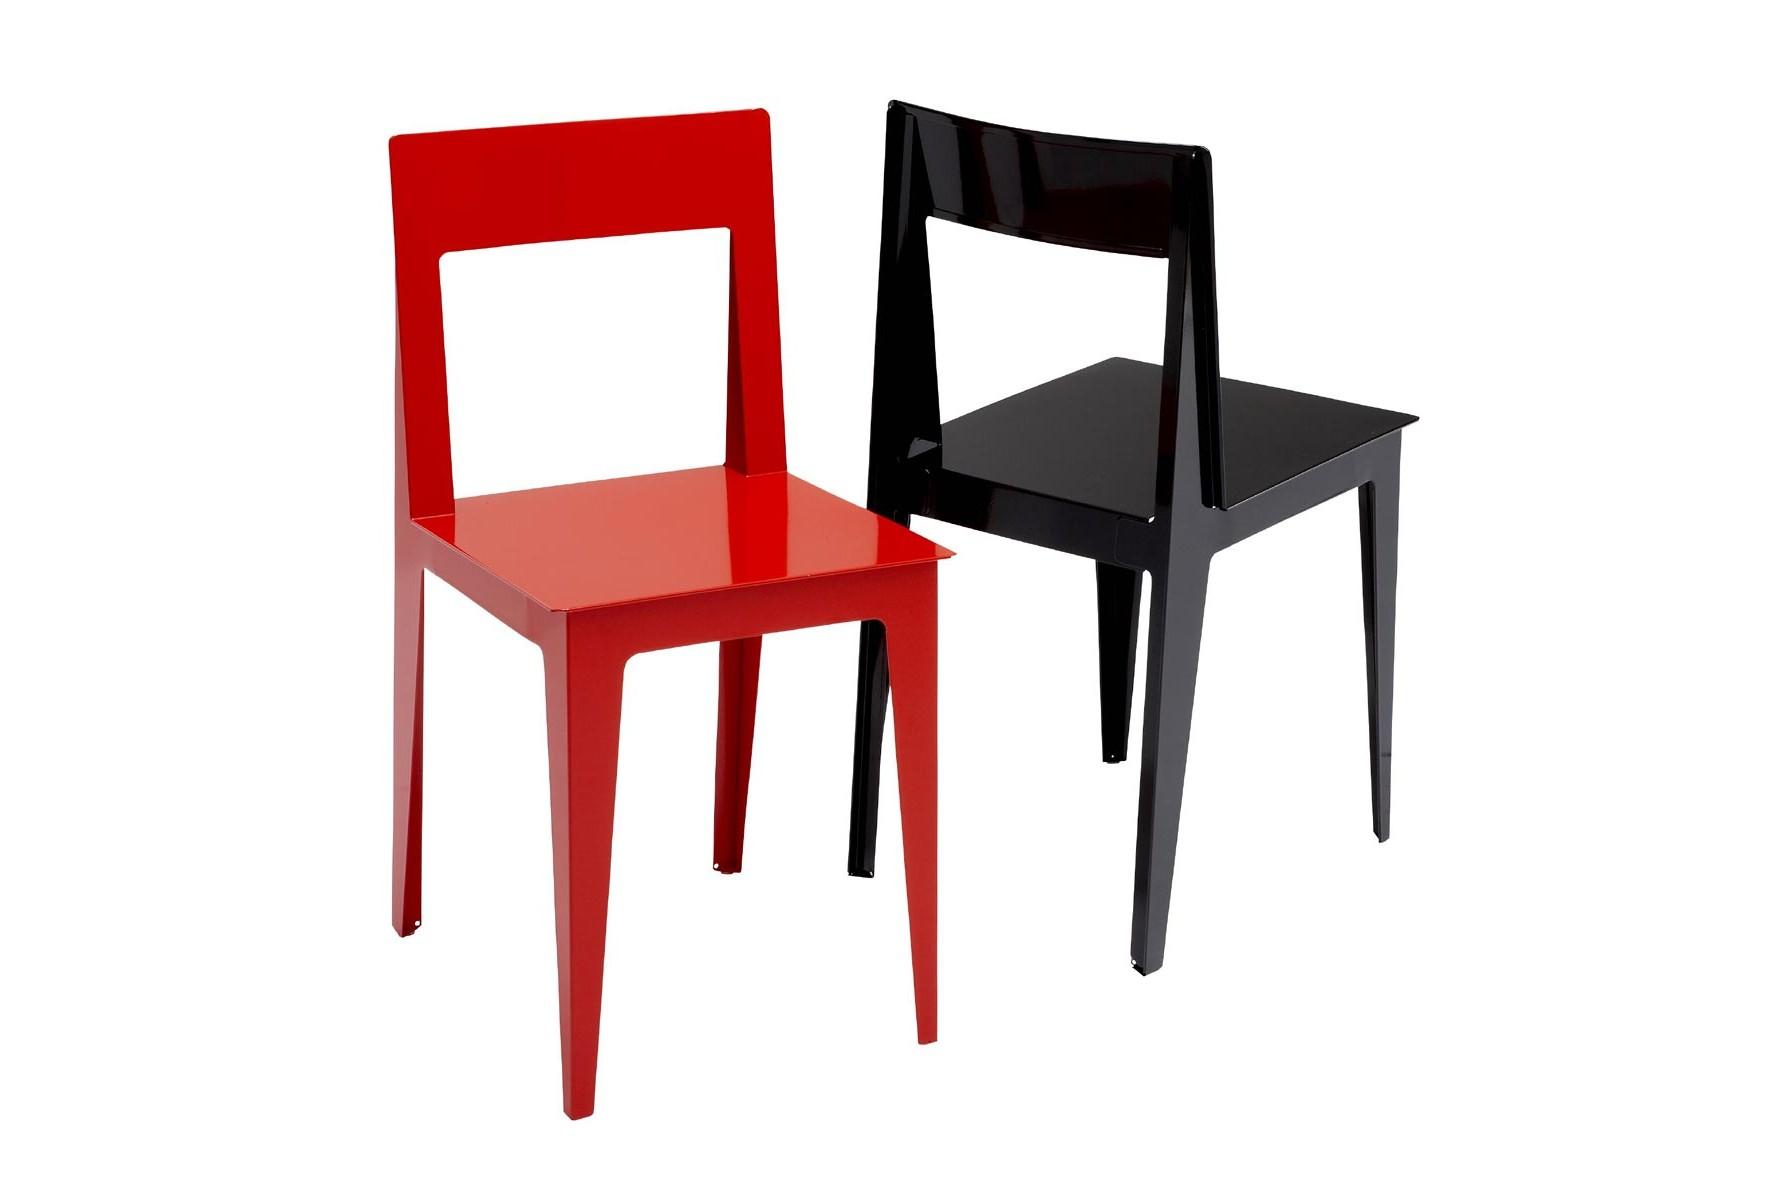 chaise de bar ligne roset chaise id es de d coration. Black Bedroom Furniture Sets. Home Design Ideas